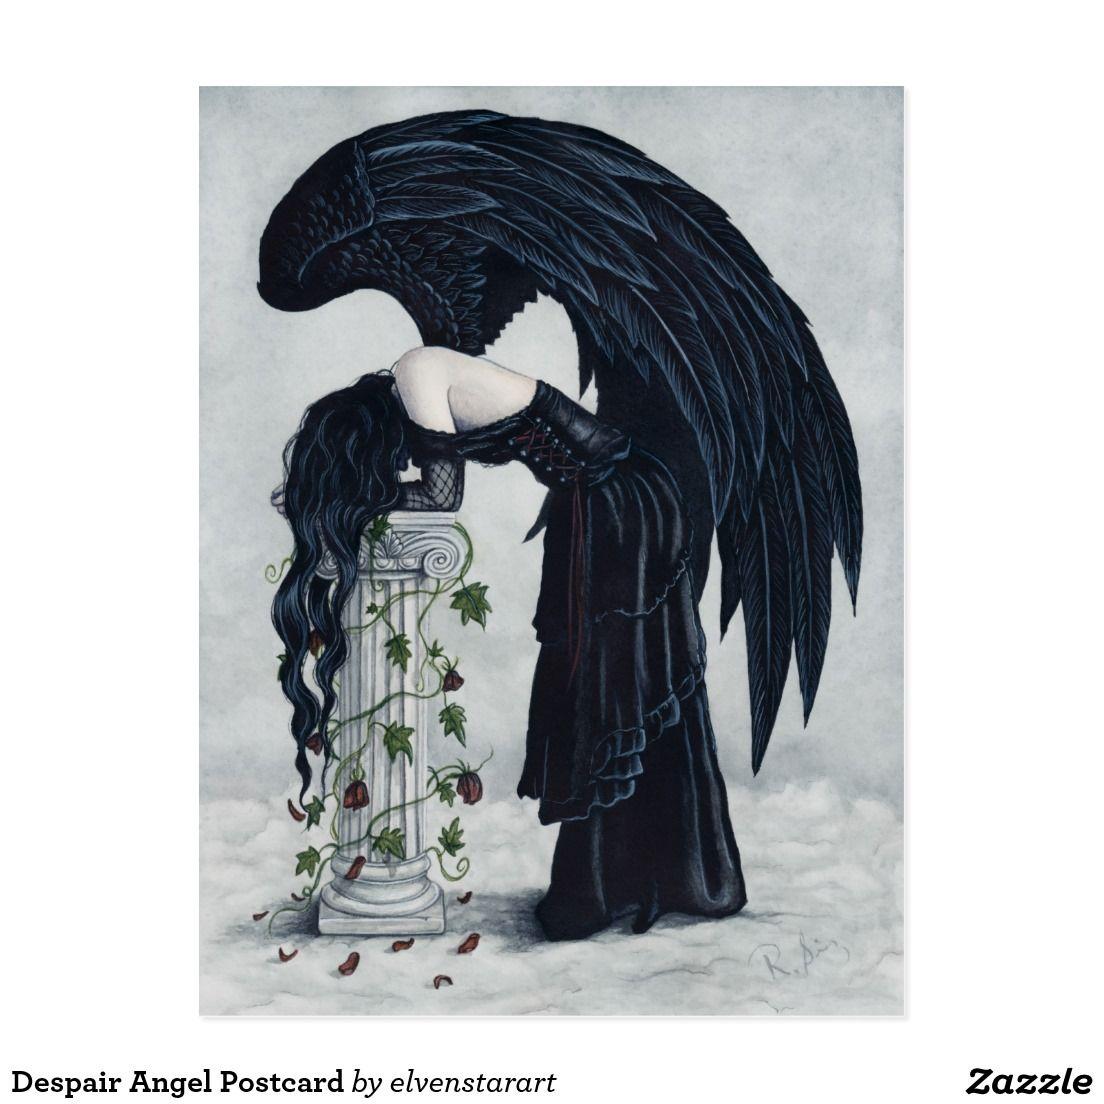 Despair Angel Postcard In 2019 Angels Art Fantasy